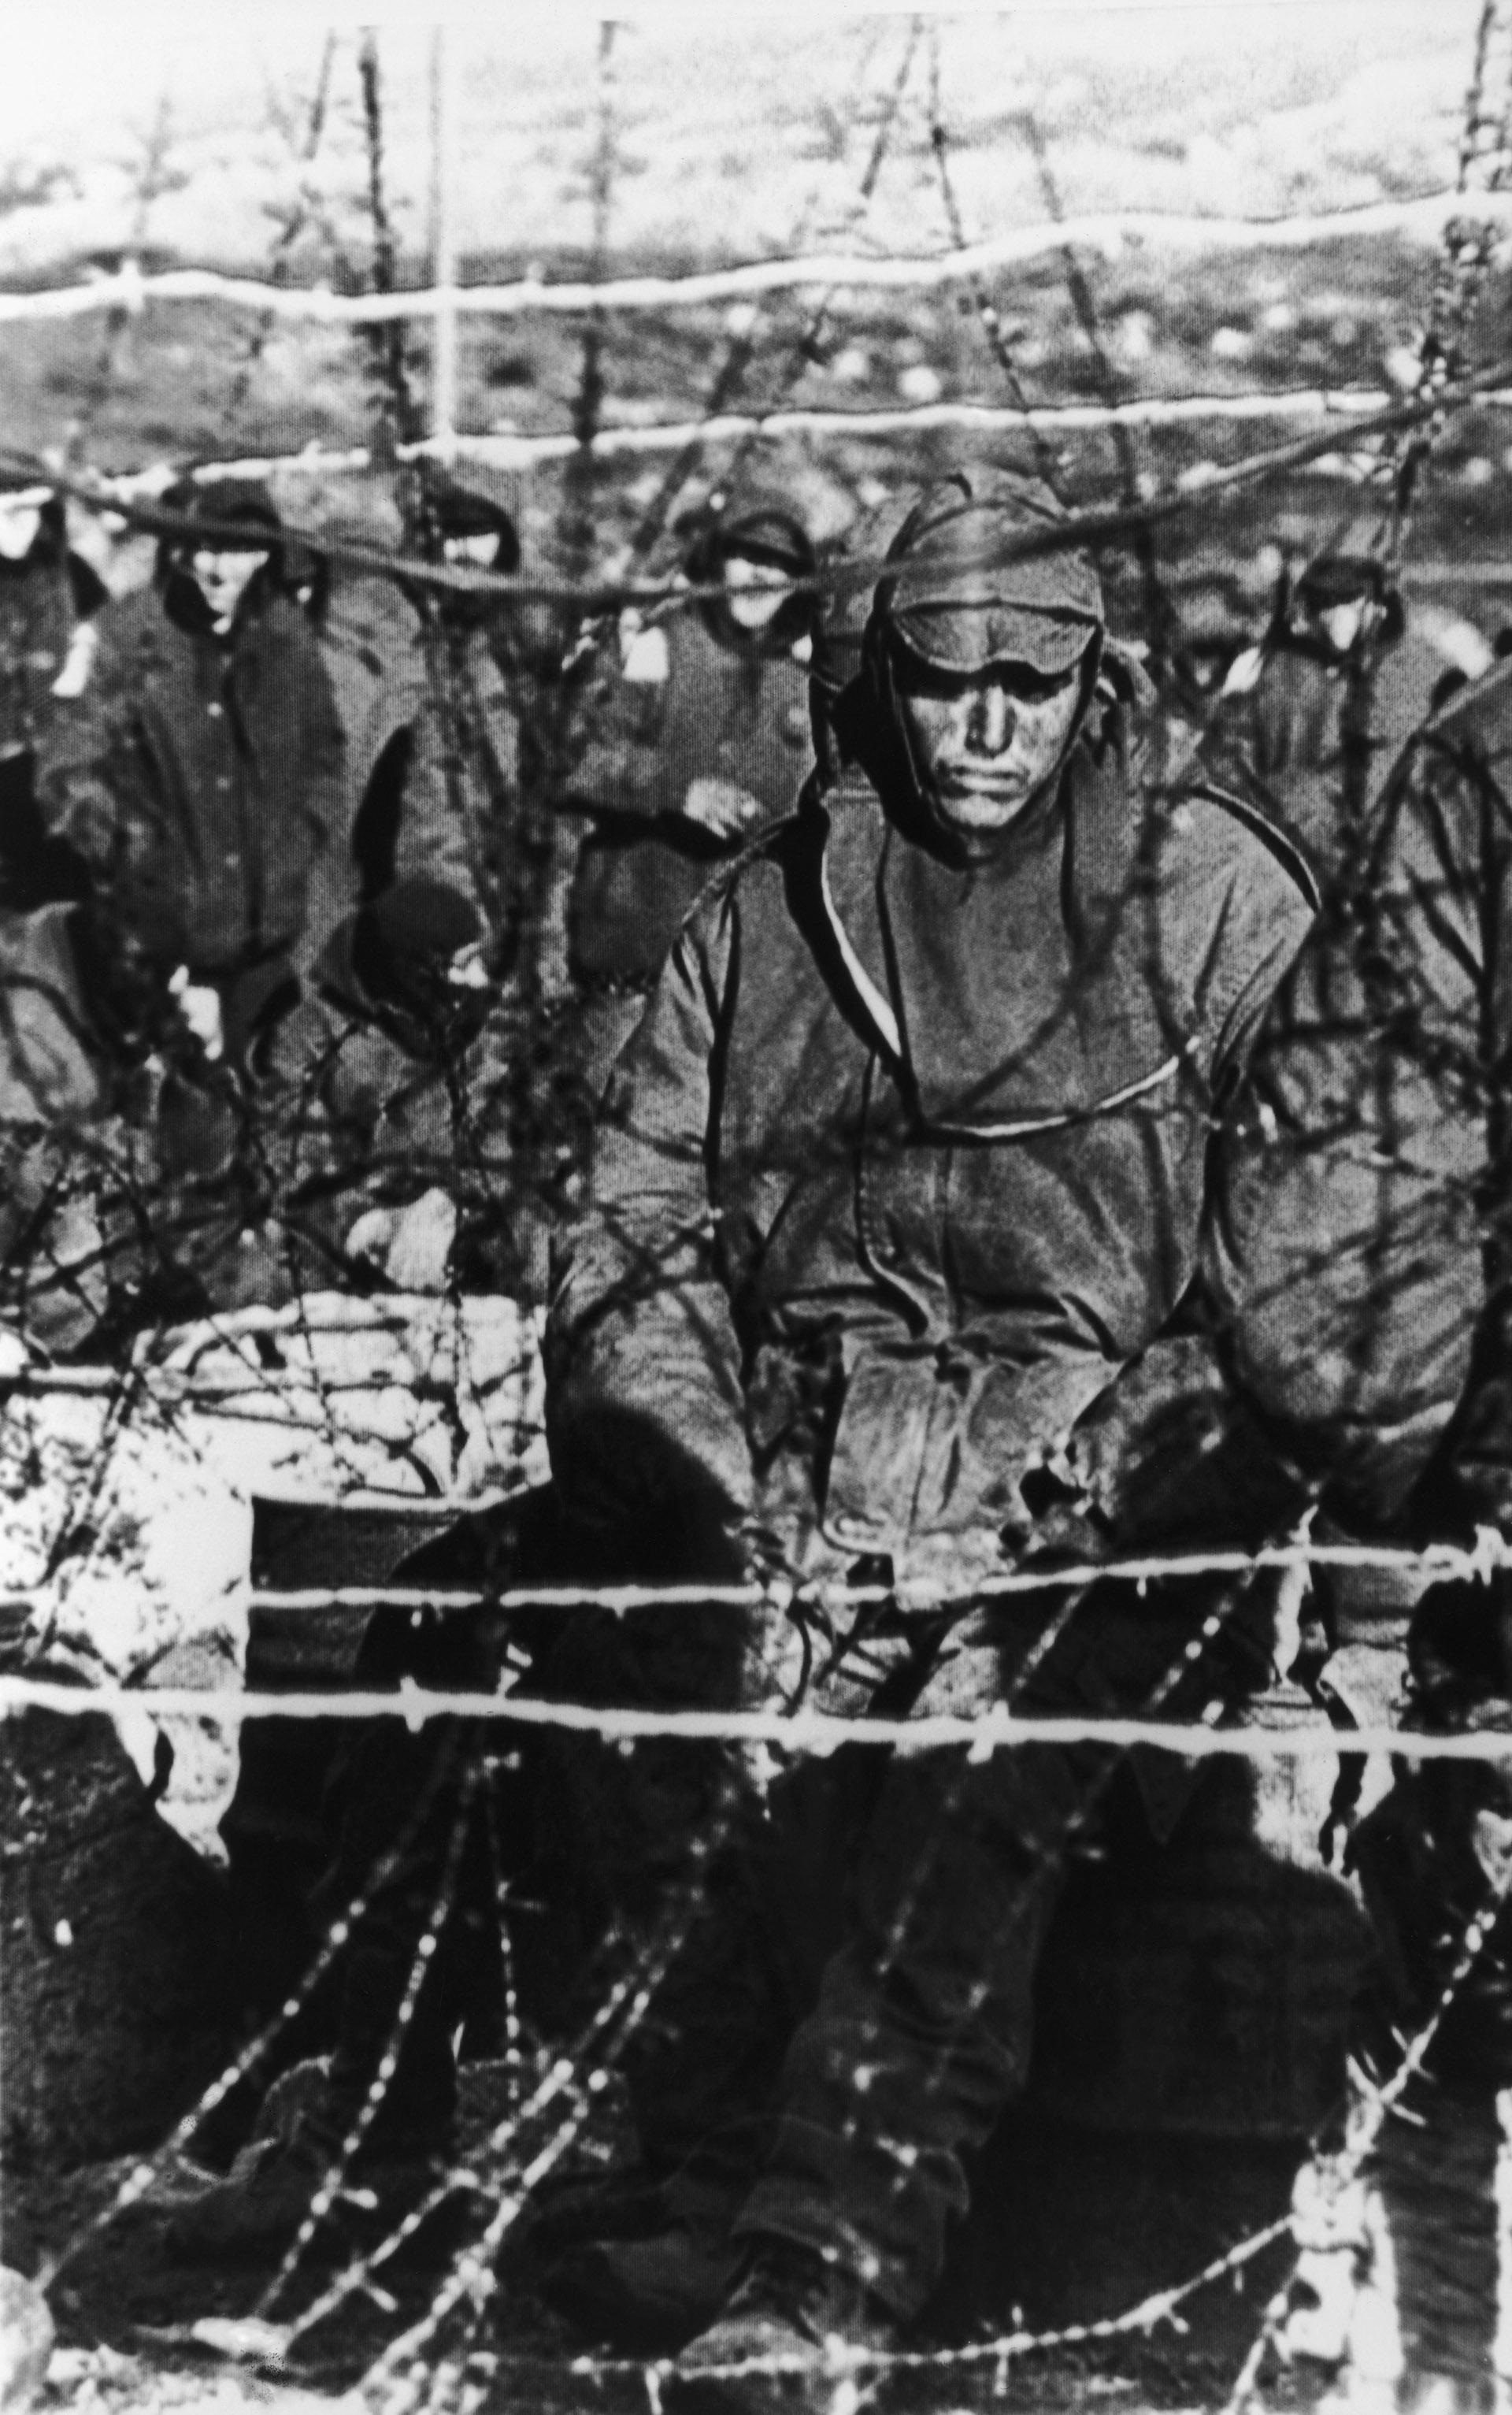 Un prisionero argentino detrás de un alambre de púas. Los ingleses confiscaron casi 11 mil armas y más de 4 millones de municiones (Photo by Martin Cleaver/Pool/Getty Images)